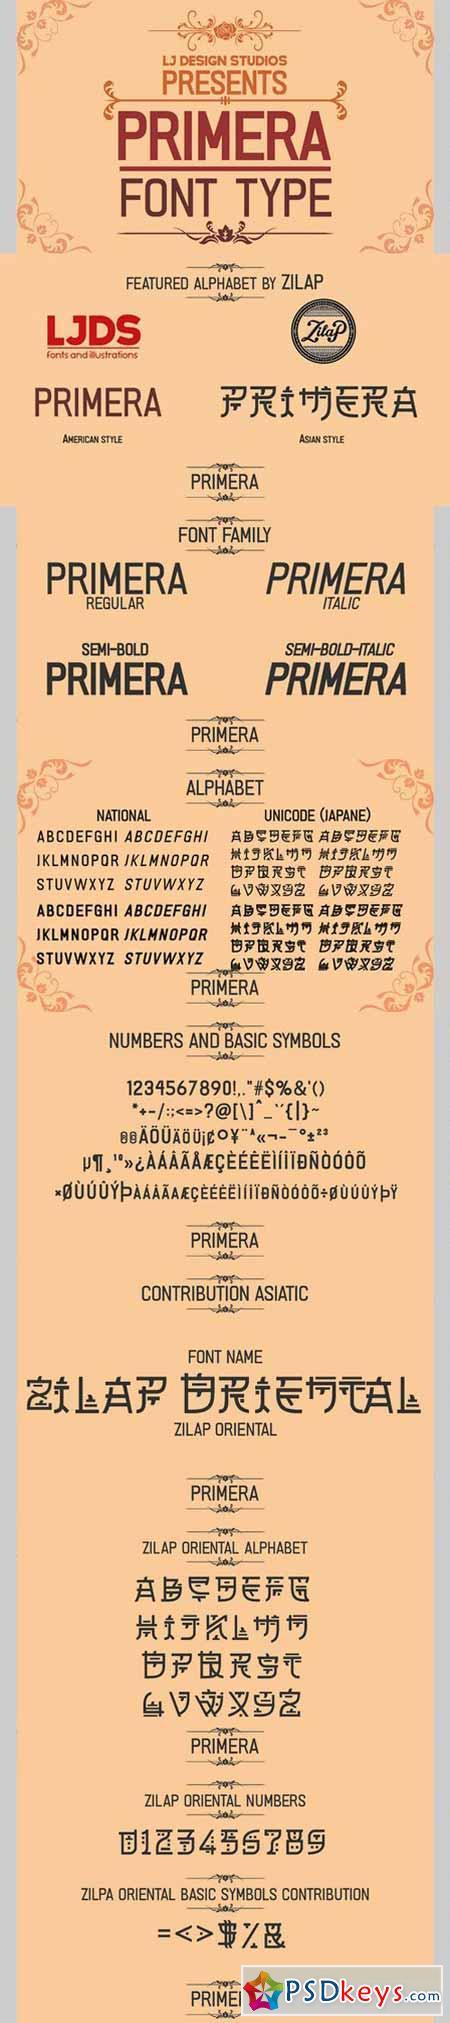 PRIMERA font